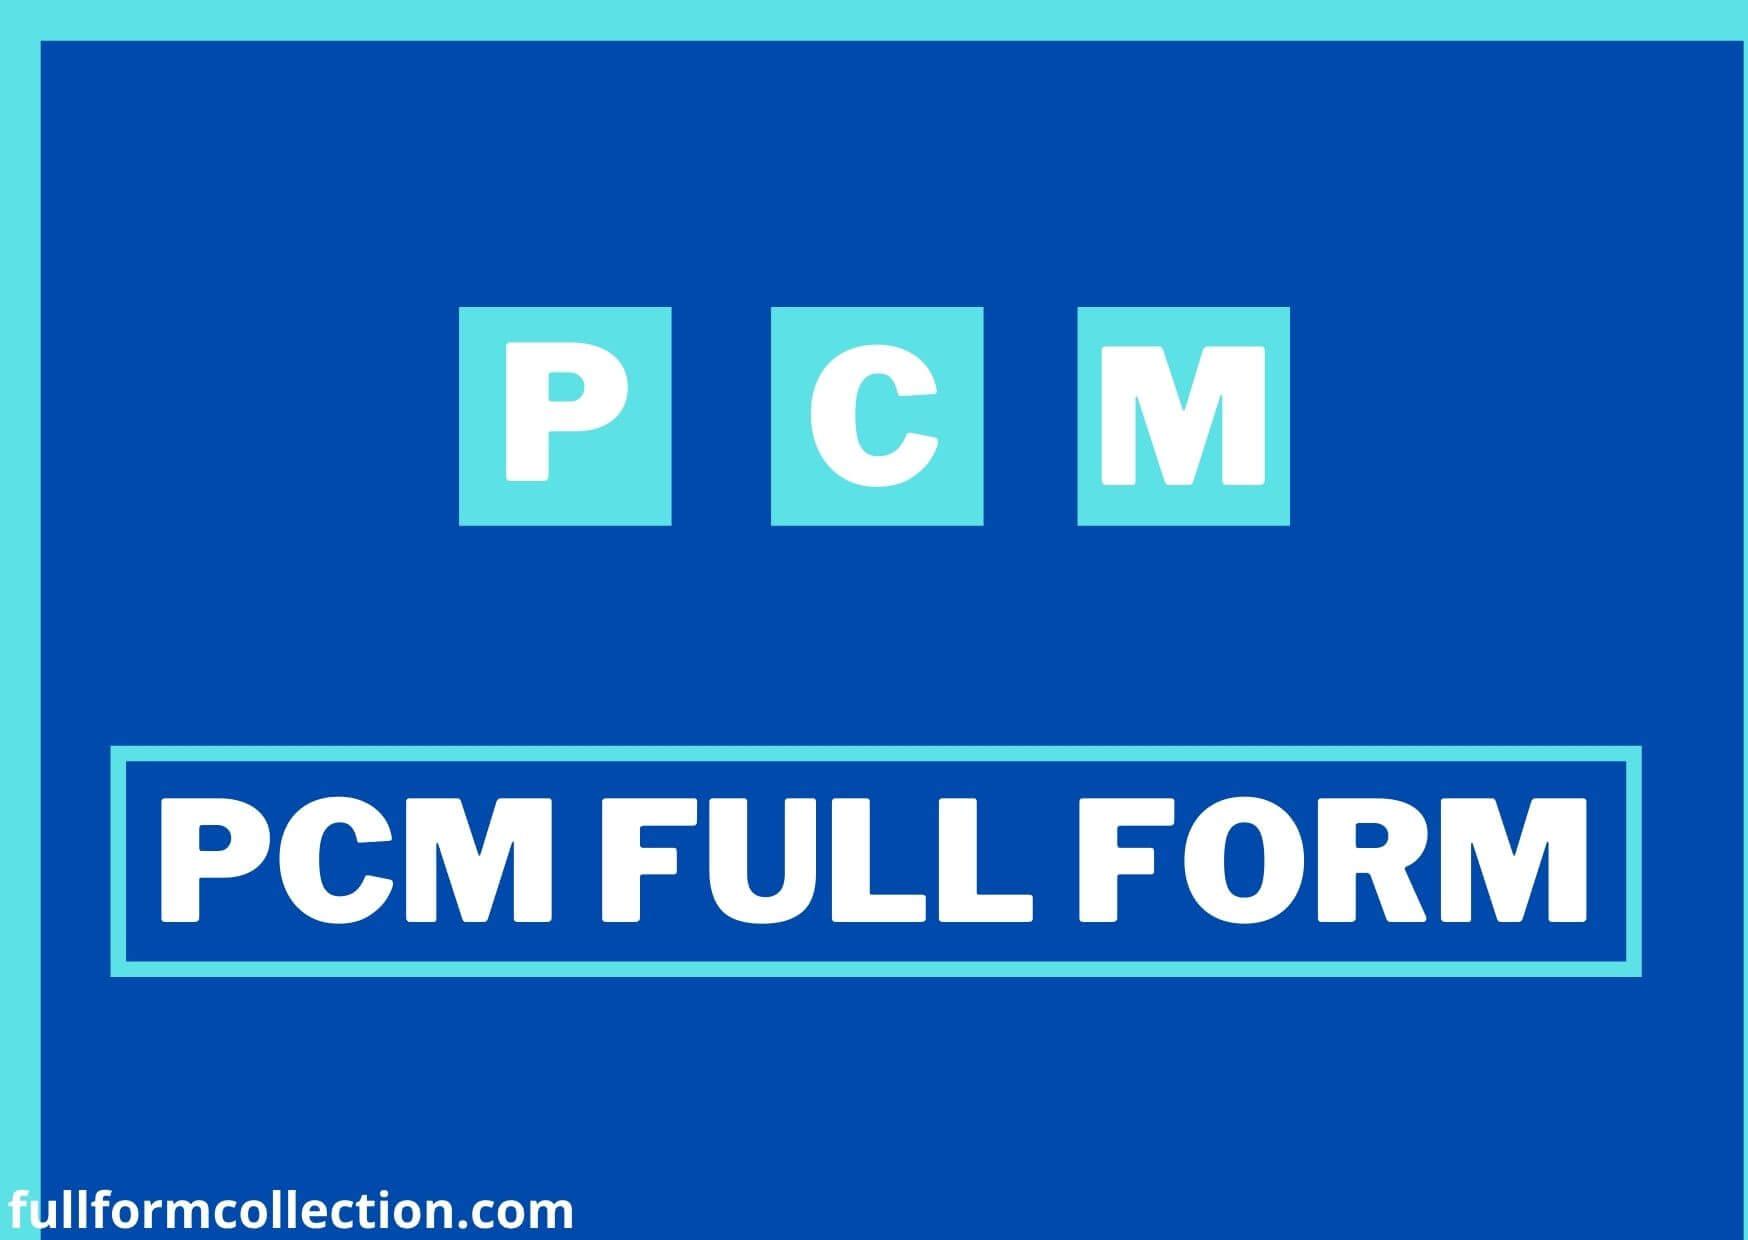 PCM Full Form